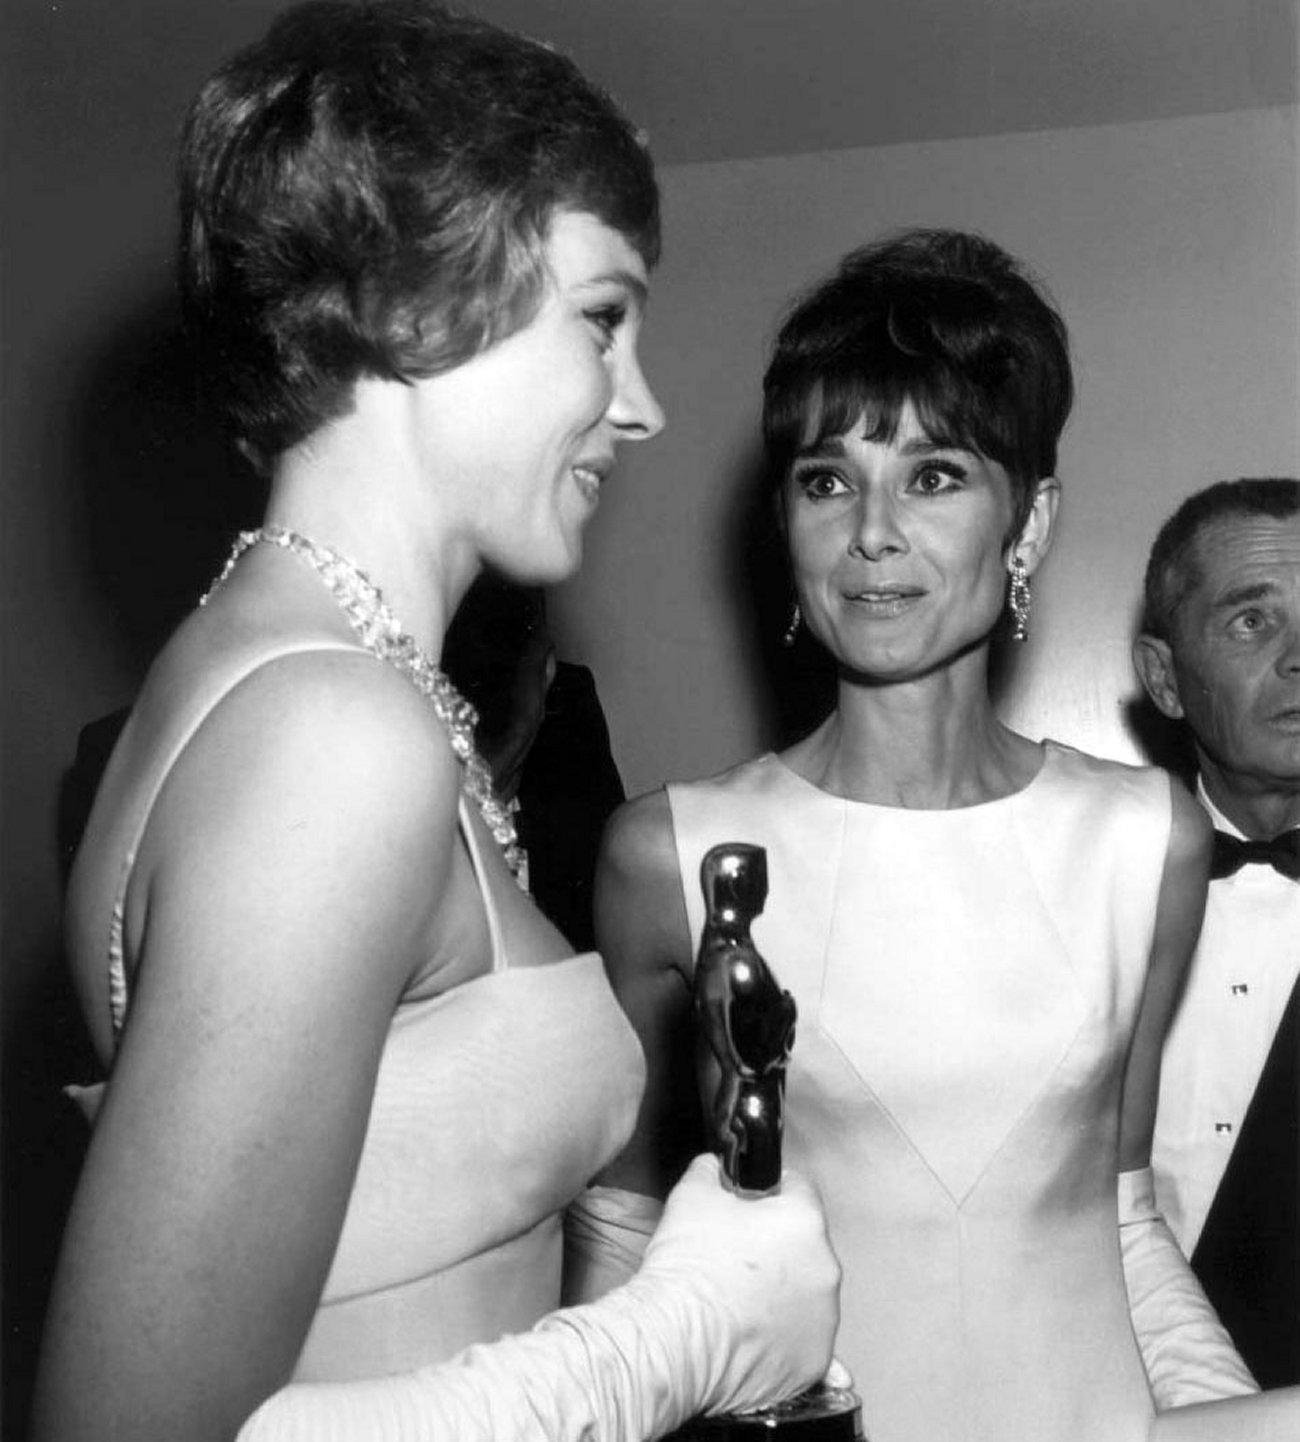 Julie and Audrey Hepburn - Julie Andrews Photo (5201611 ...